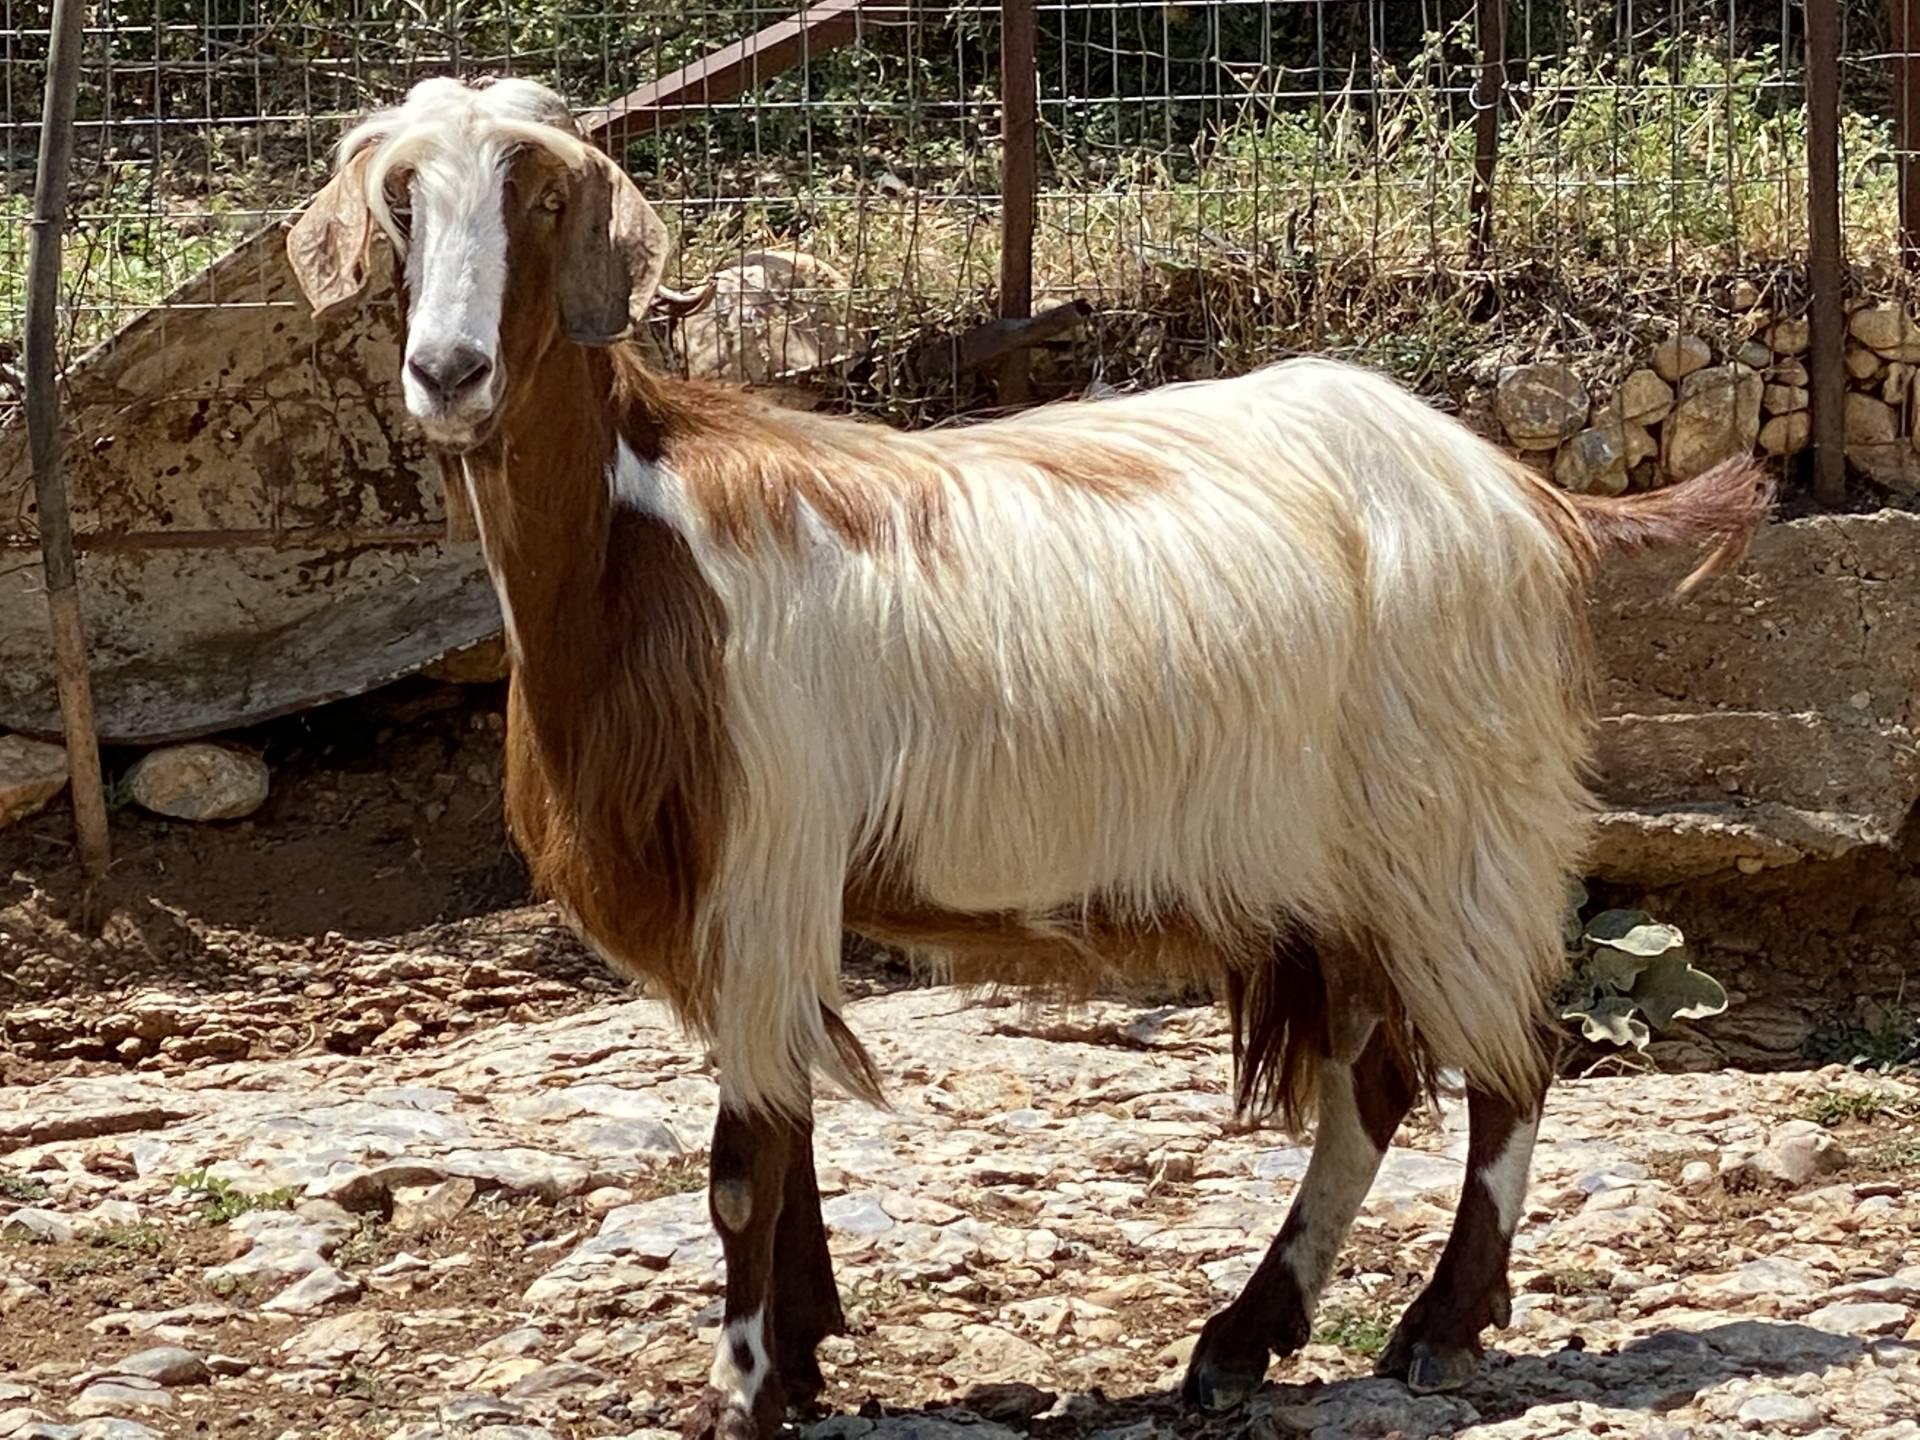 Τοζέικη Αίγα. Η γίδα της Δυτικής Μακεδονίας *Του κτηνιάτρου, Μανώλη Καγιαμπάκη